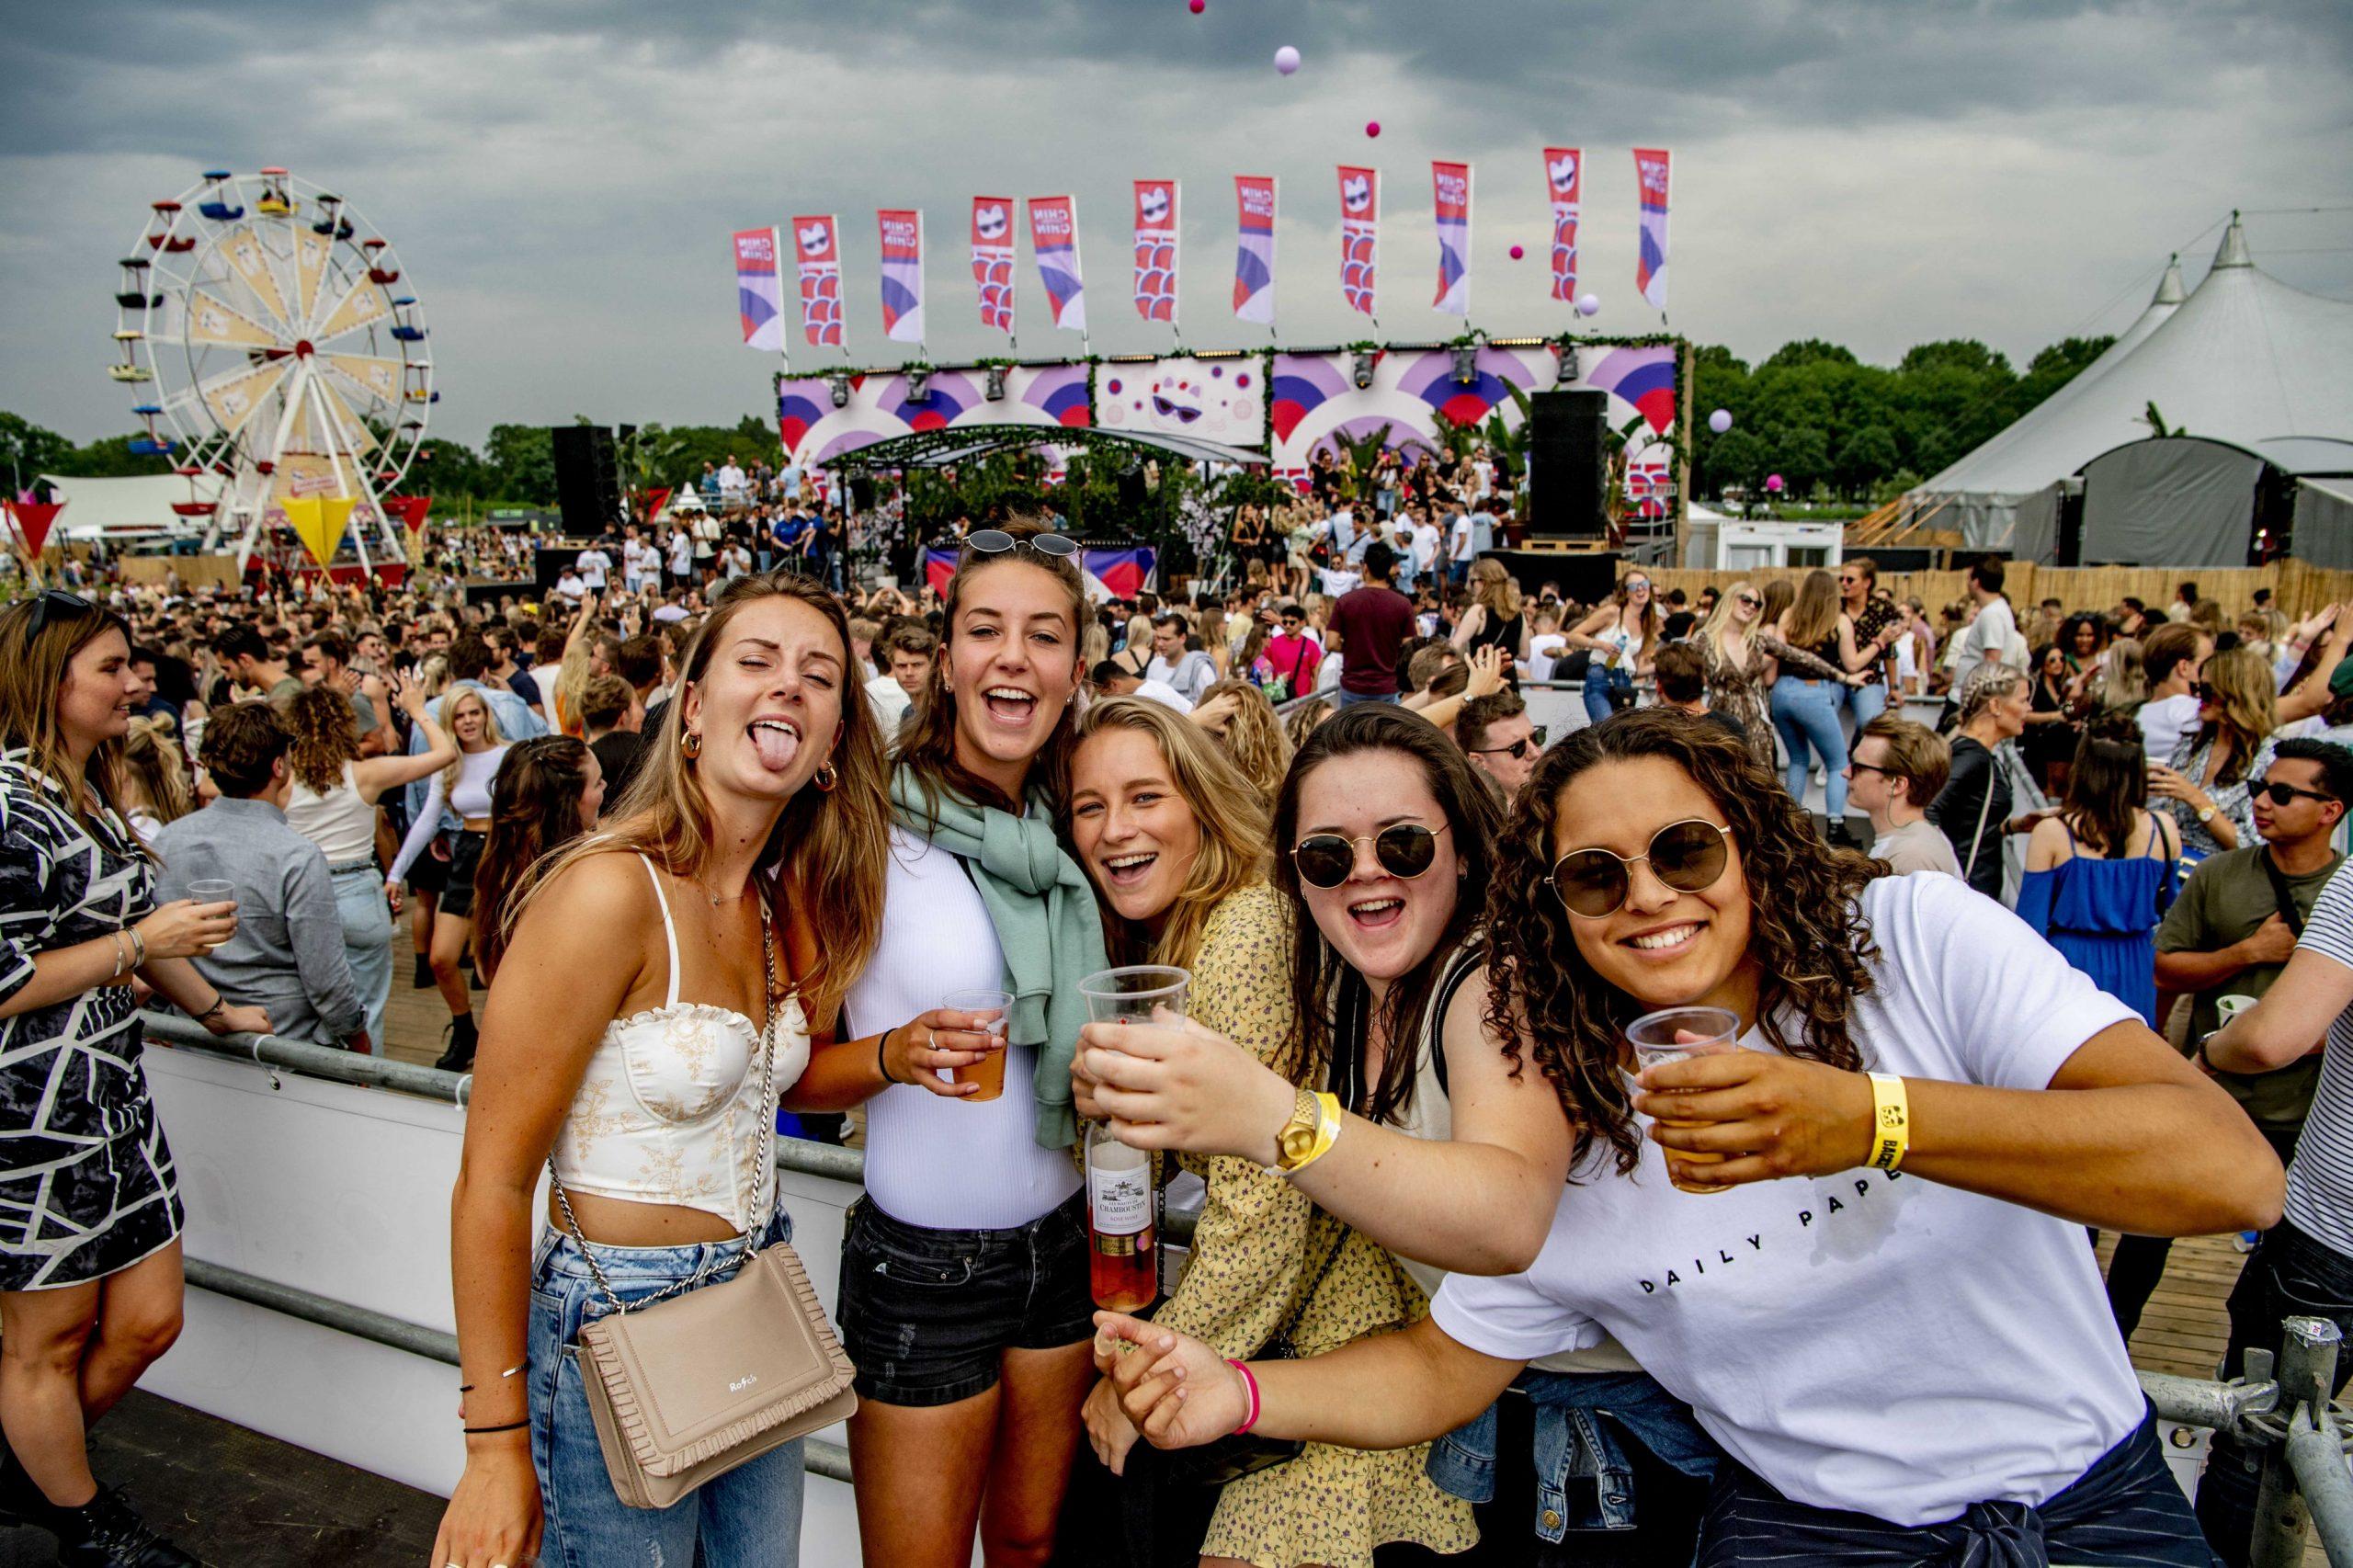 1.000 de spectatori care au luat parte la un festival, depistați pozitiv la COVID-19. Puteai participa doar vaccinat, testat sau cu anticorpi